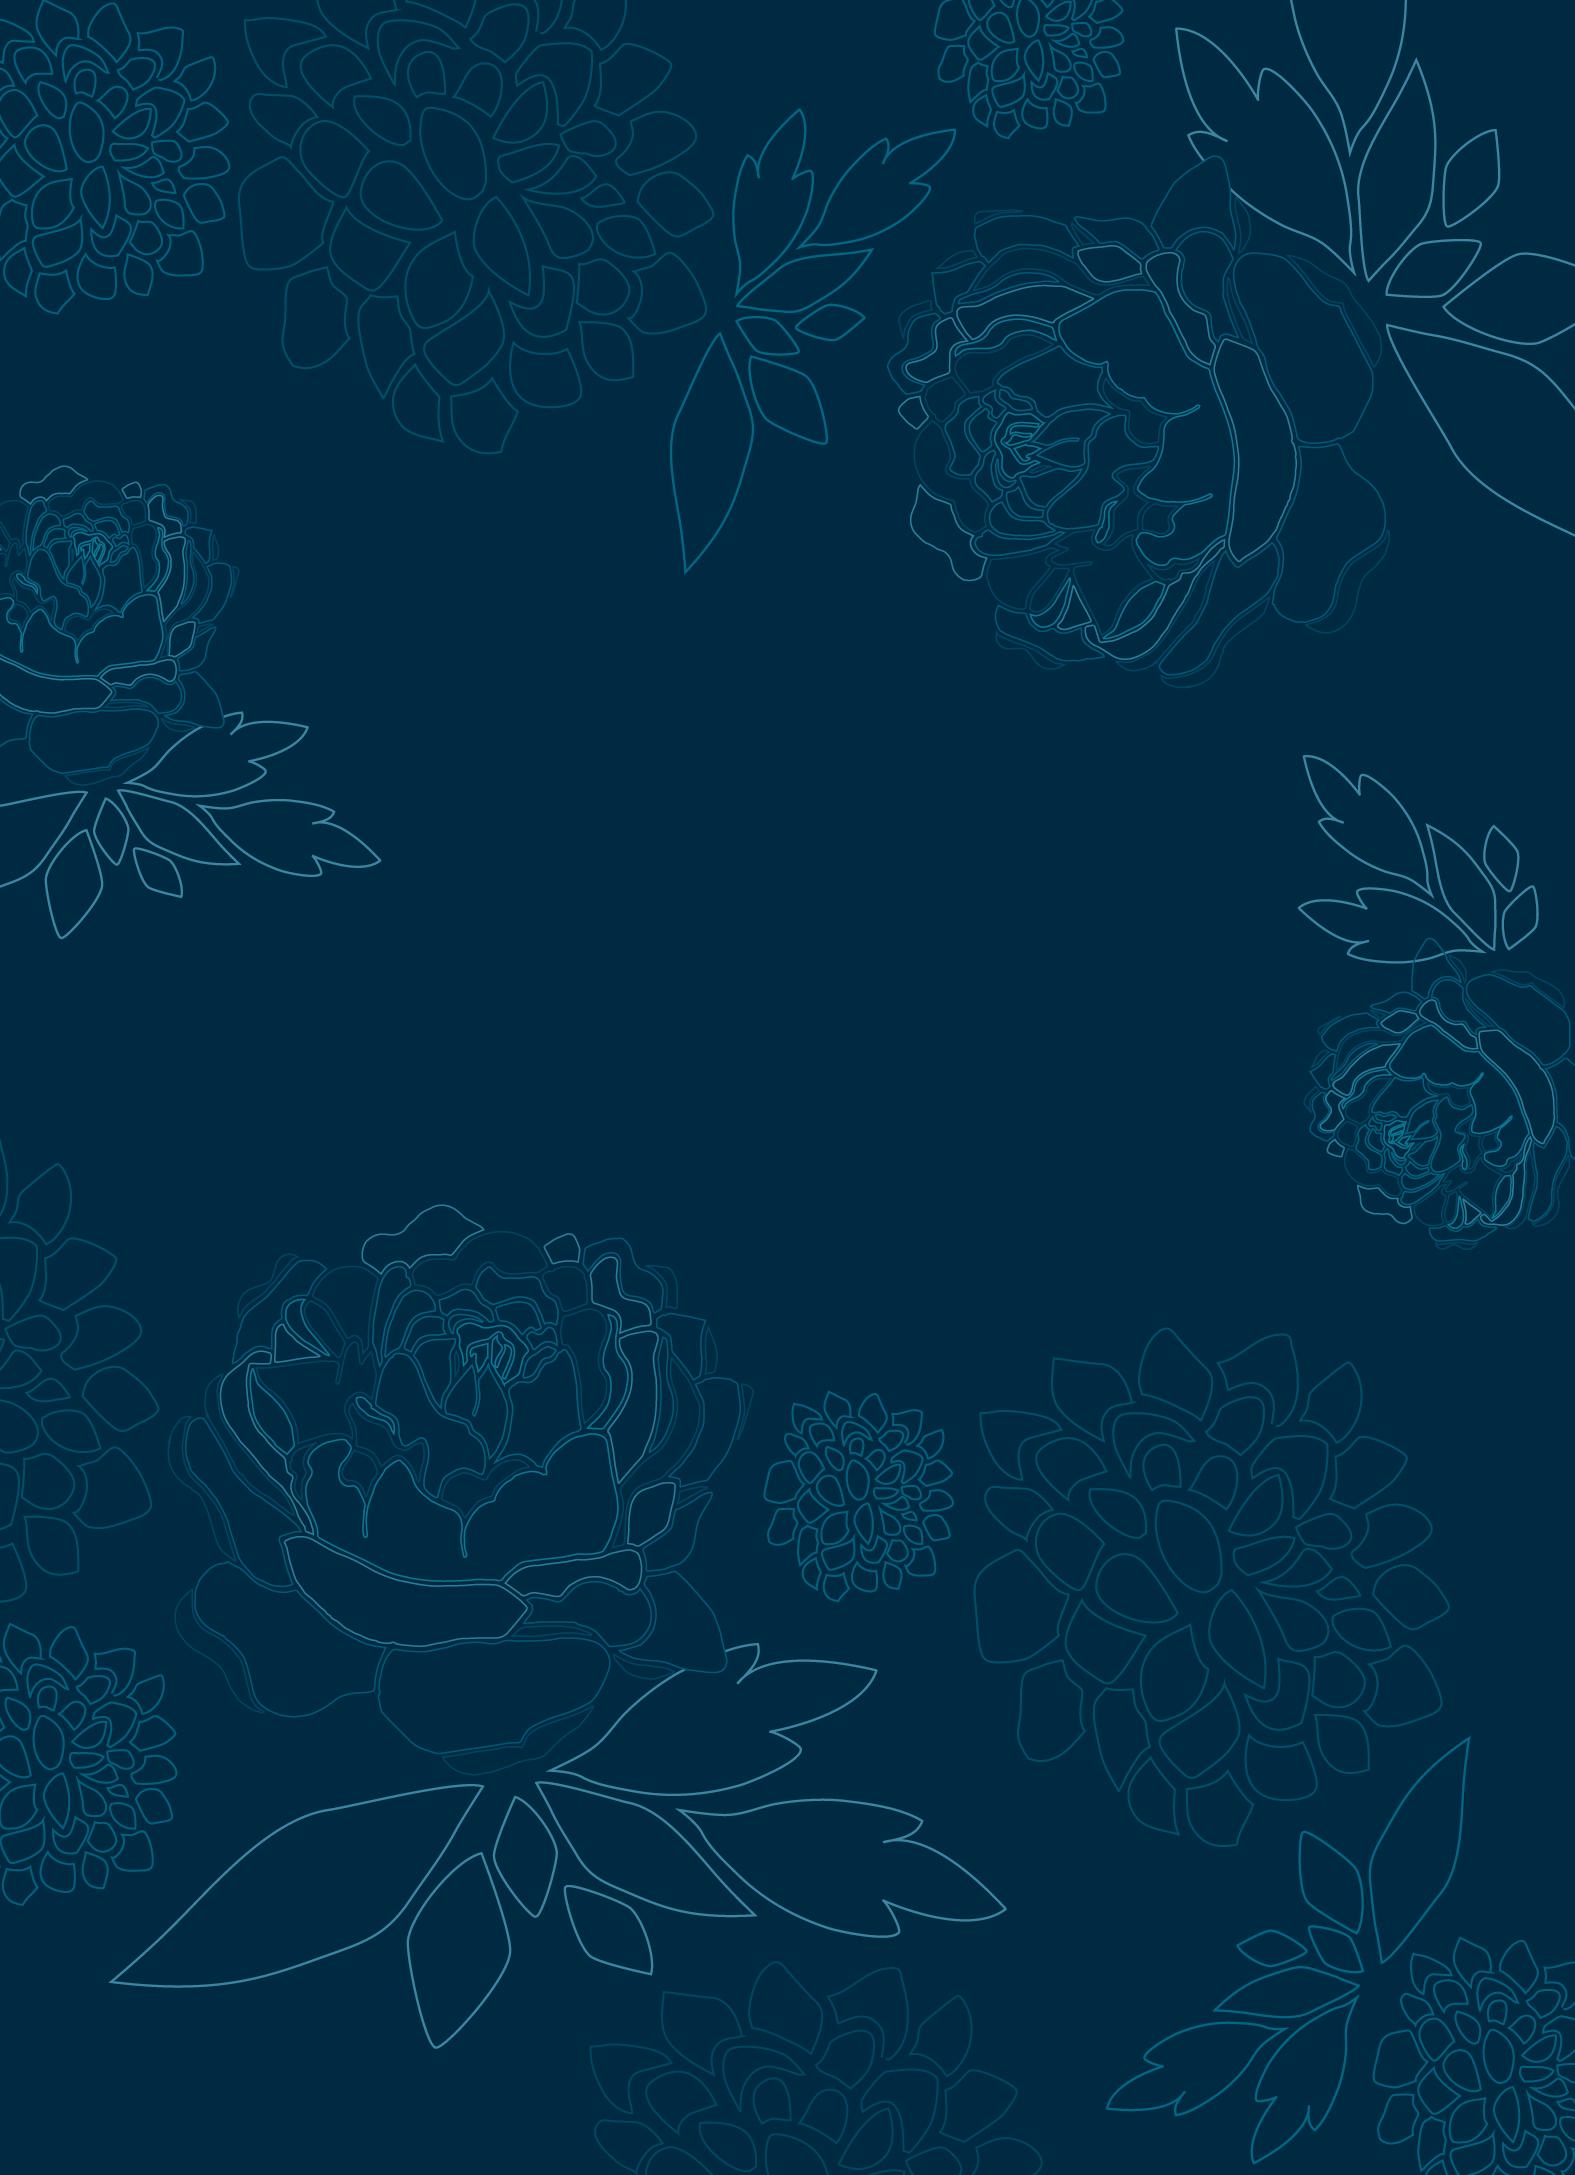 ruth-and-alejandro-invitations-web2.jpg